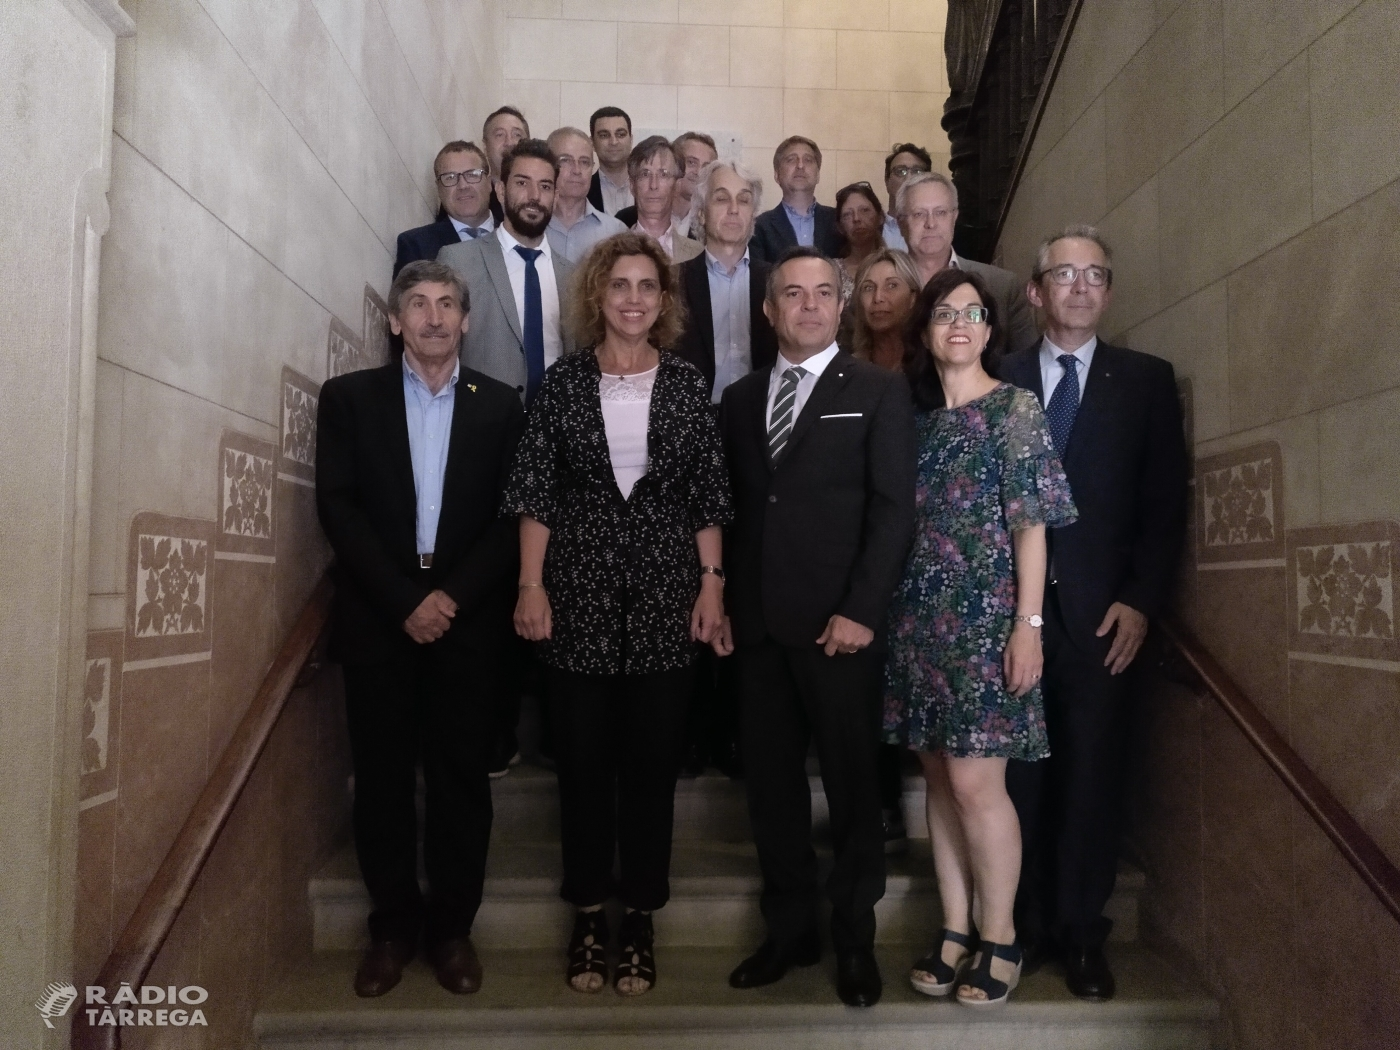 L'empresari Carles Giribet és nomenat nou president de la Cambra de Comerç de Tàrrega